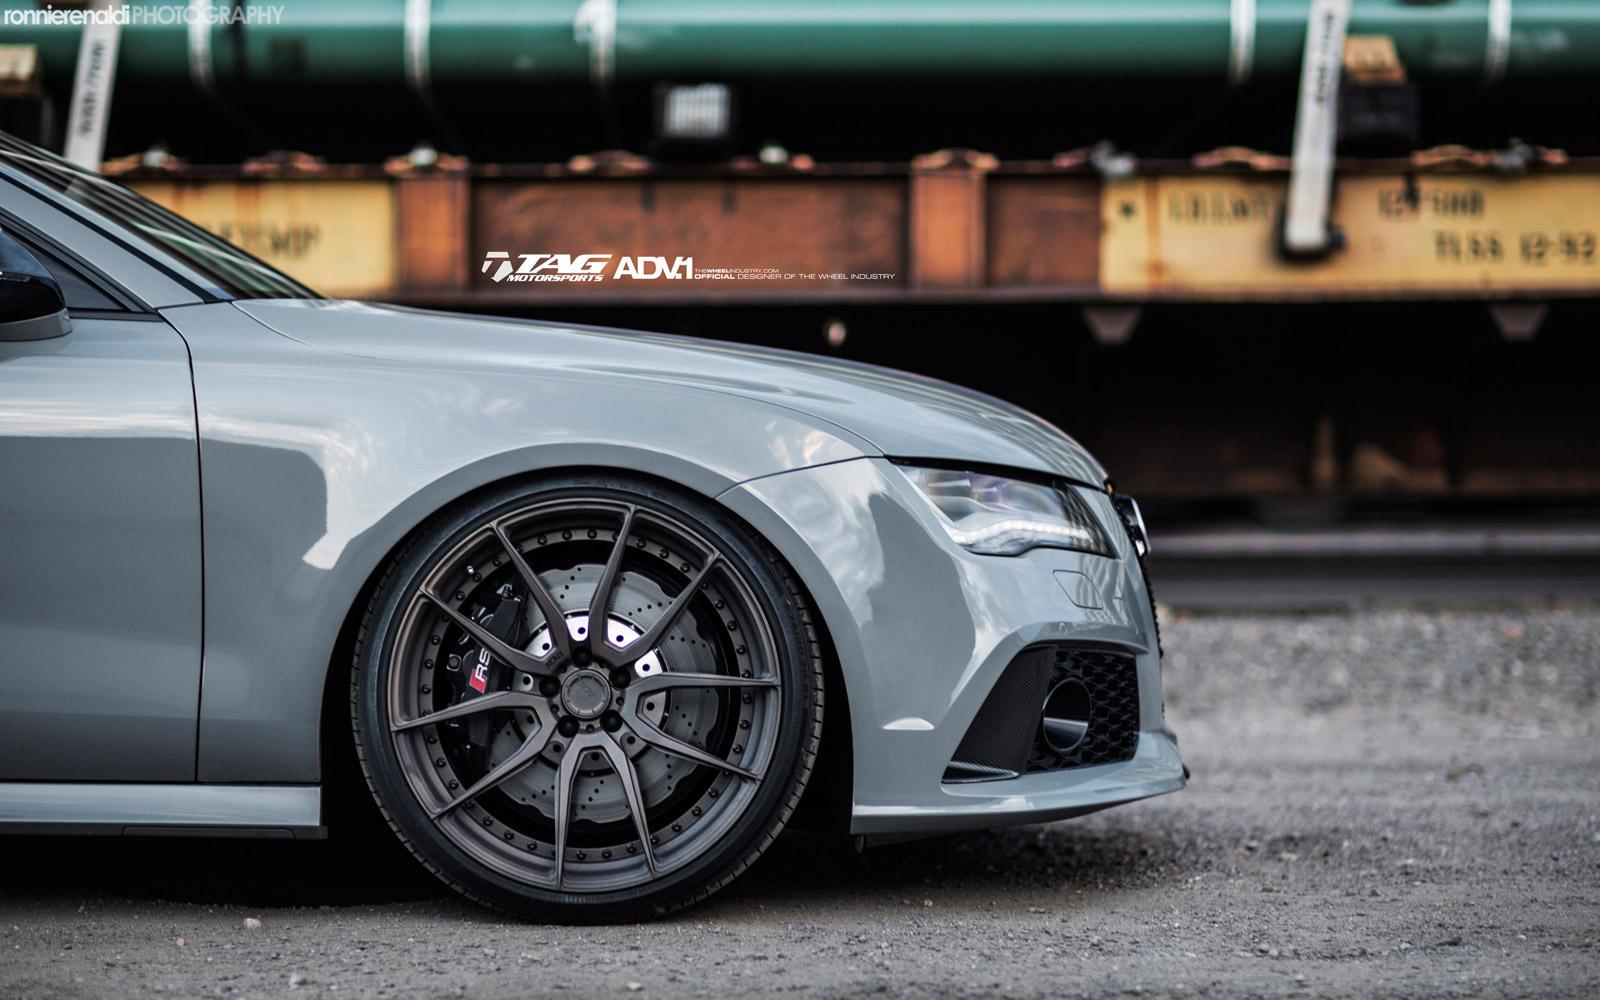 Audi Archives Mppsociety